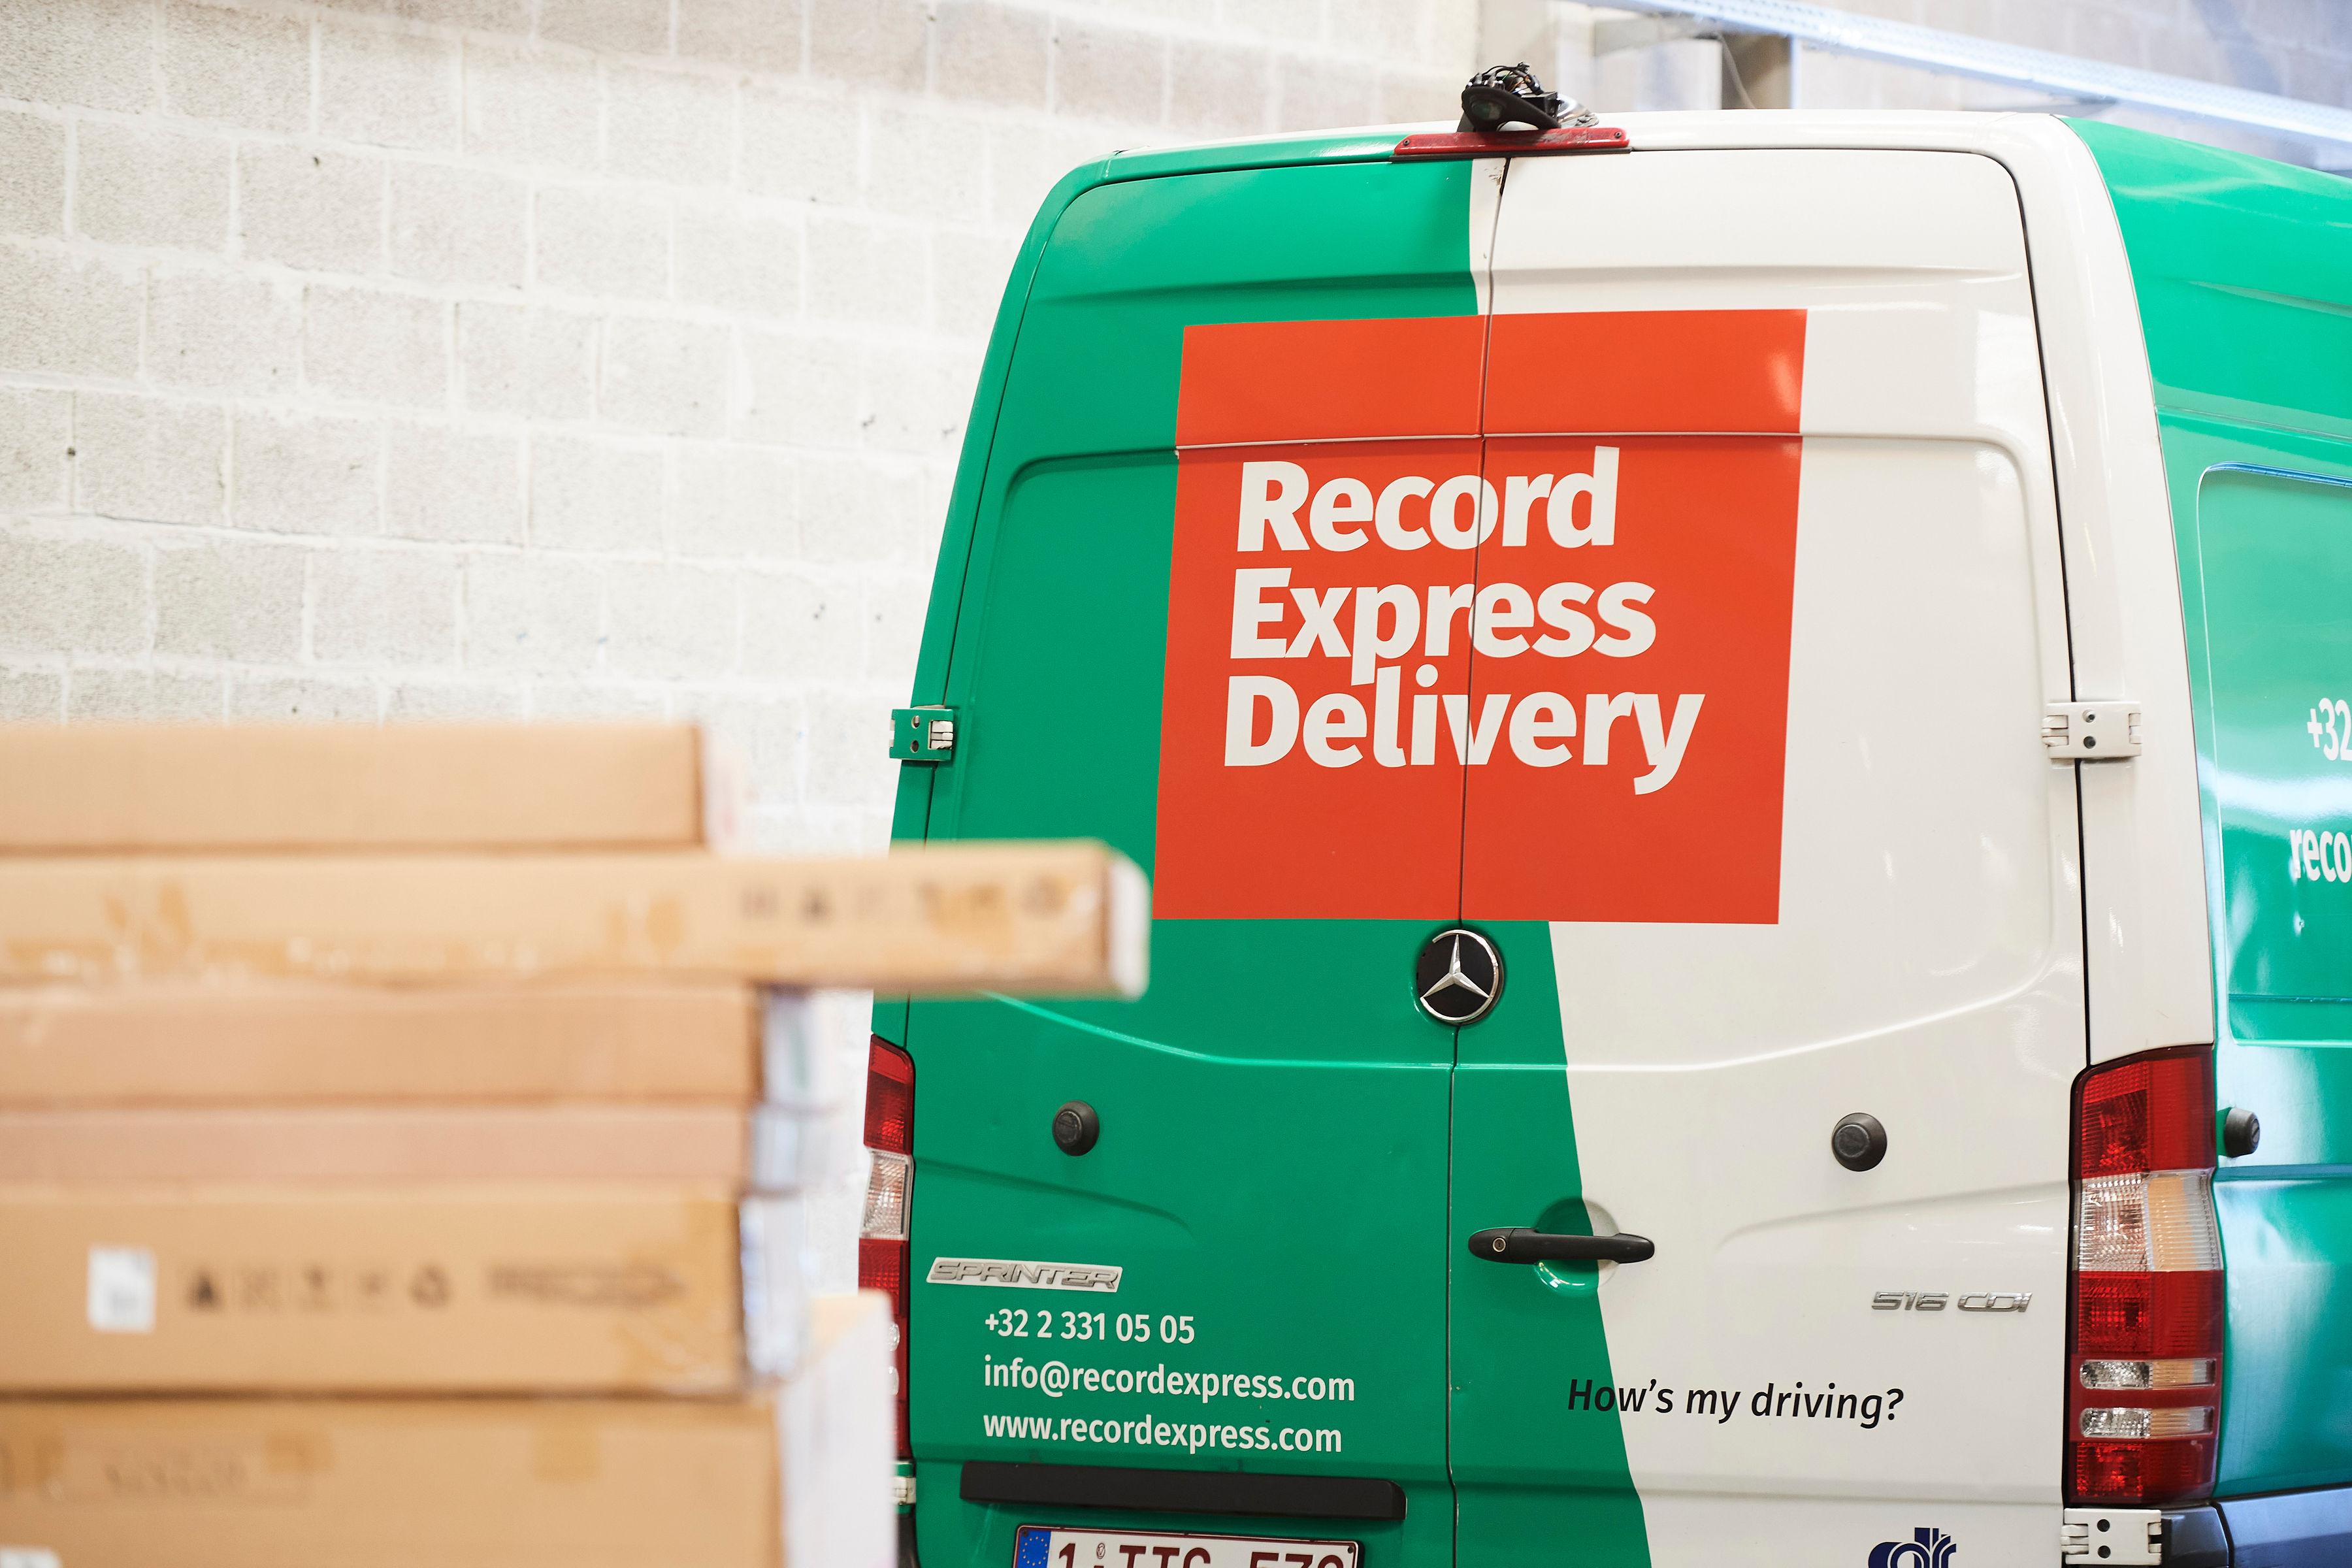 Record Express Delivery levert de laatste kilometer